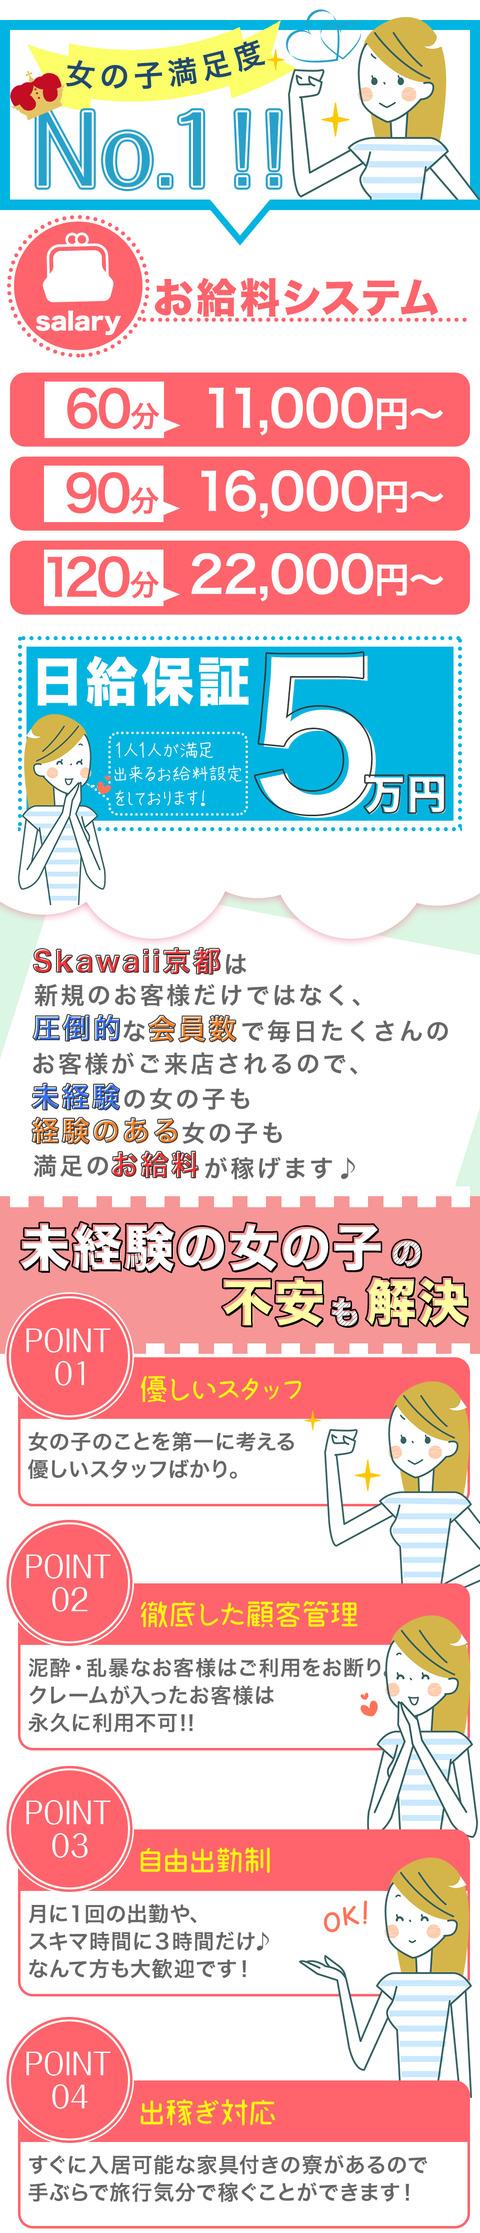 15_sk-kyoto_02